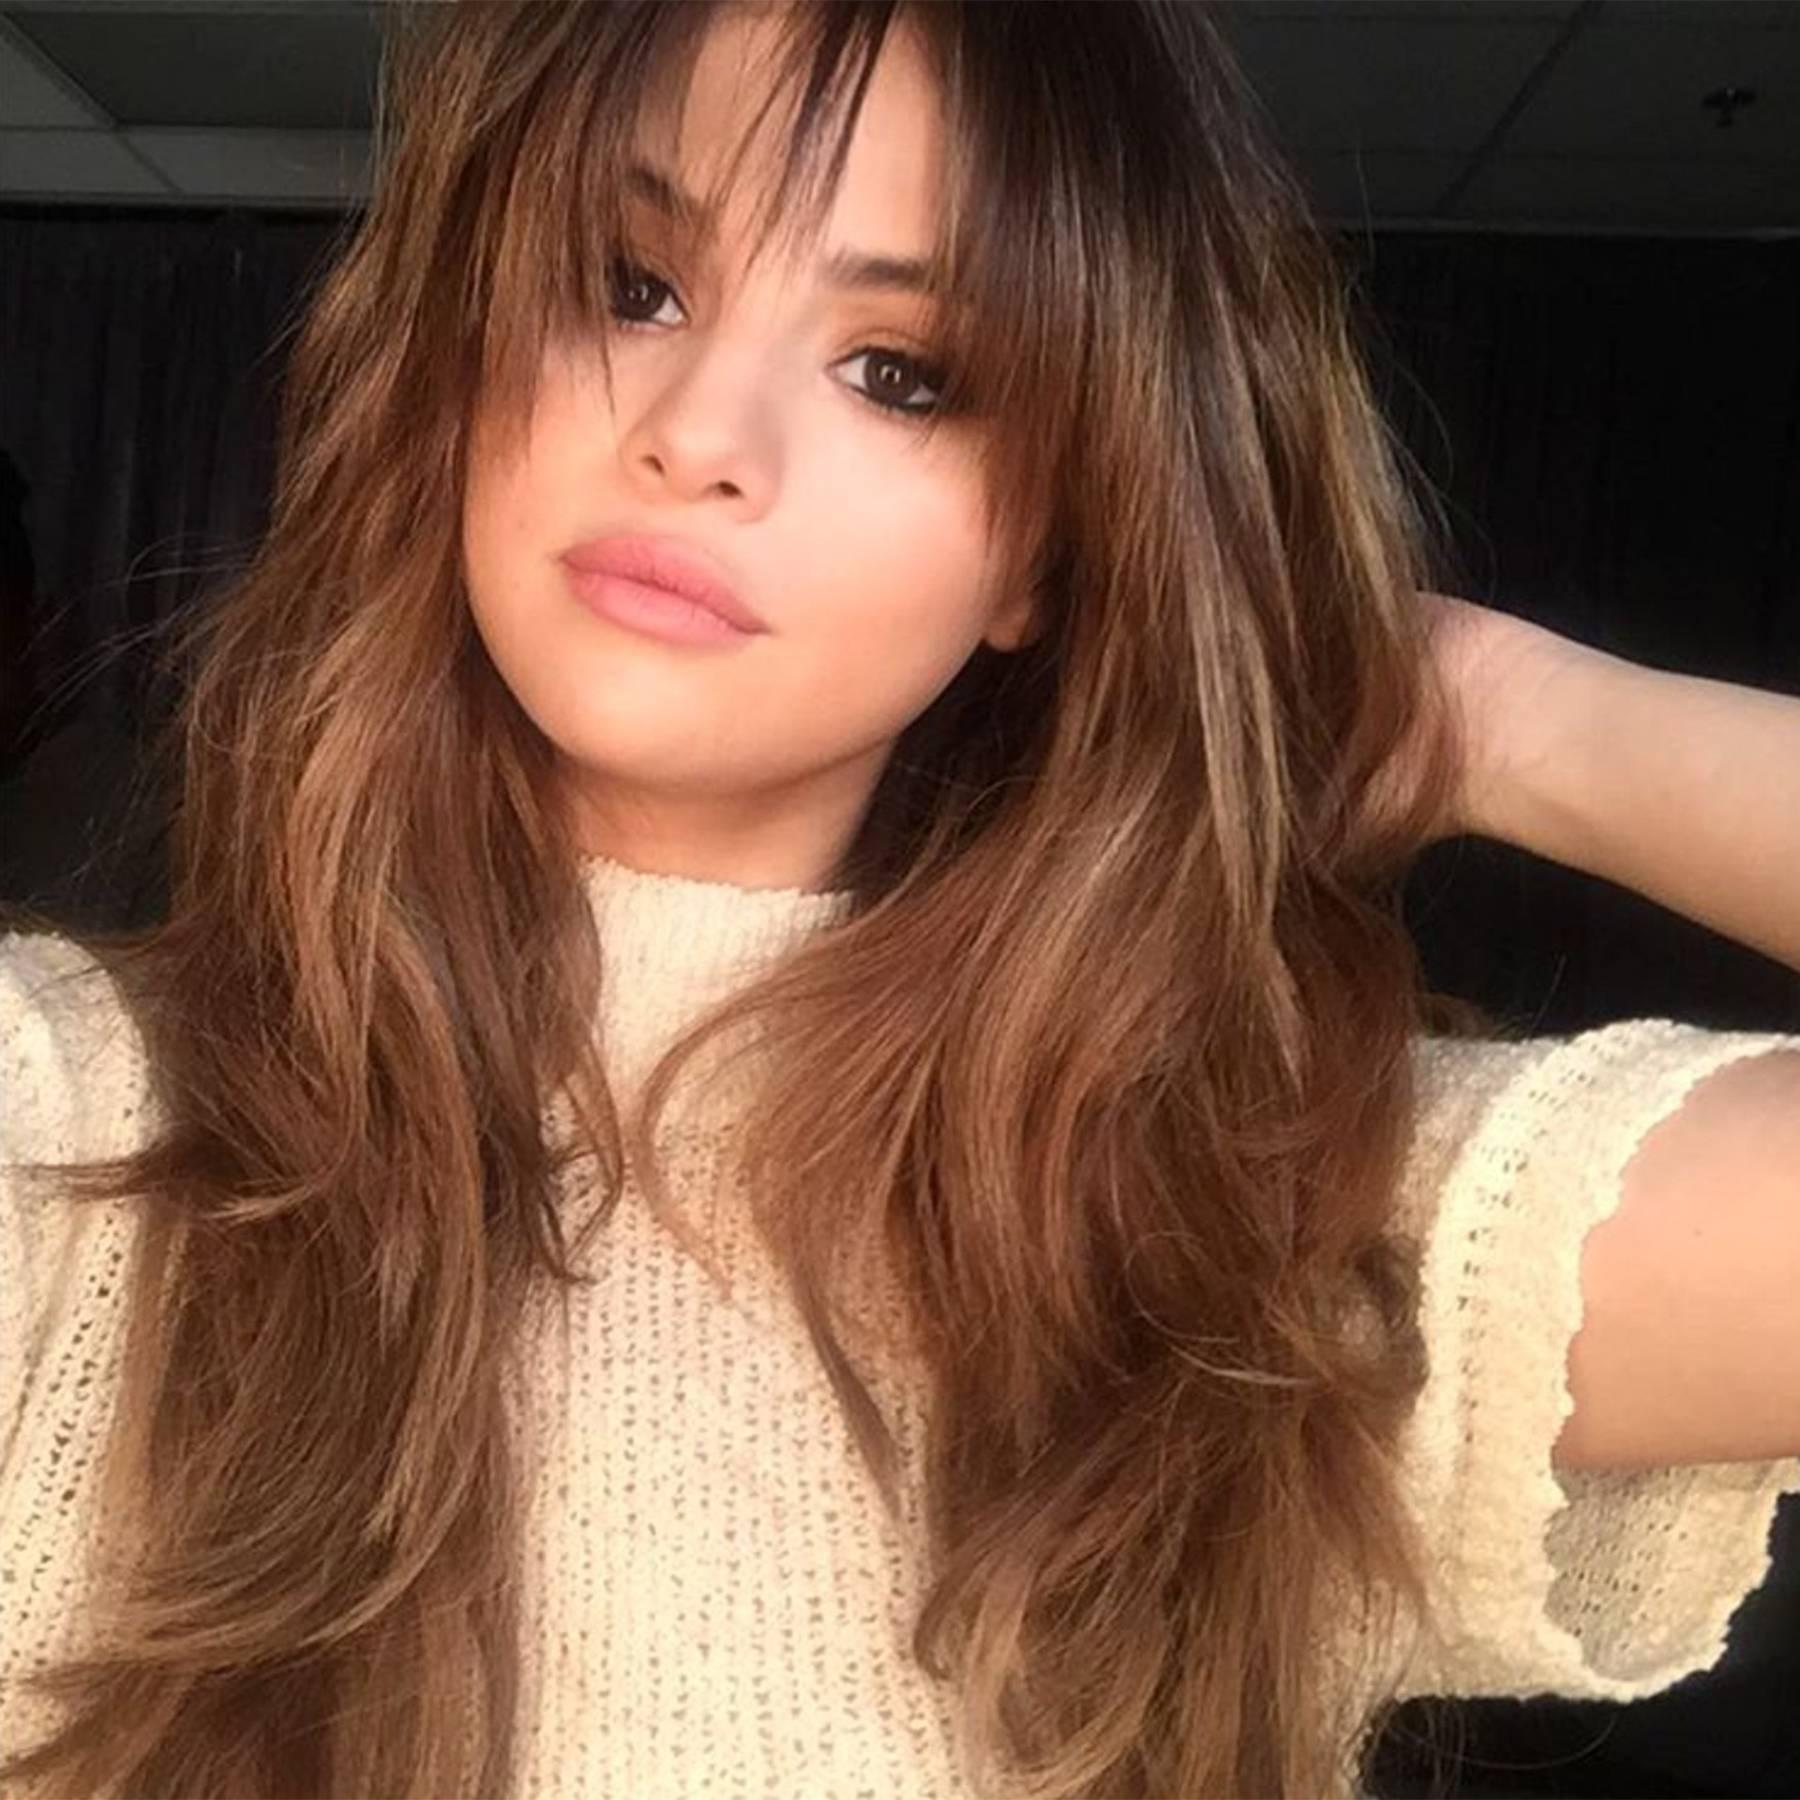 Ngắm 5 kiểu tóc đầy mê hoặc của Selena Gomez, chị em sẽ tìm thấy chân ái giúp 'mặt tiền' càng thêm tây tây sang chảnh 3